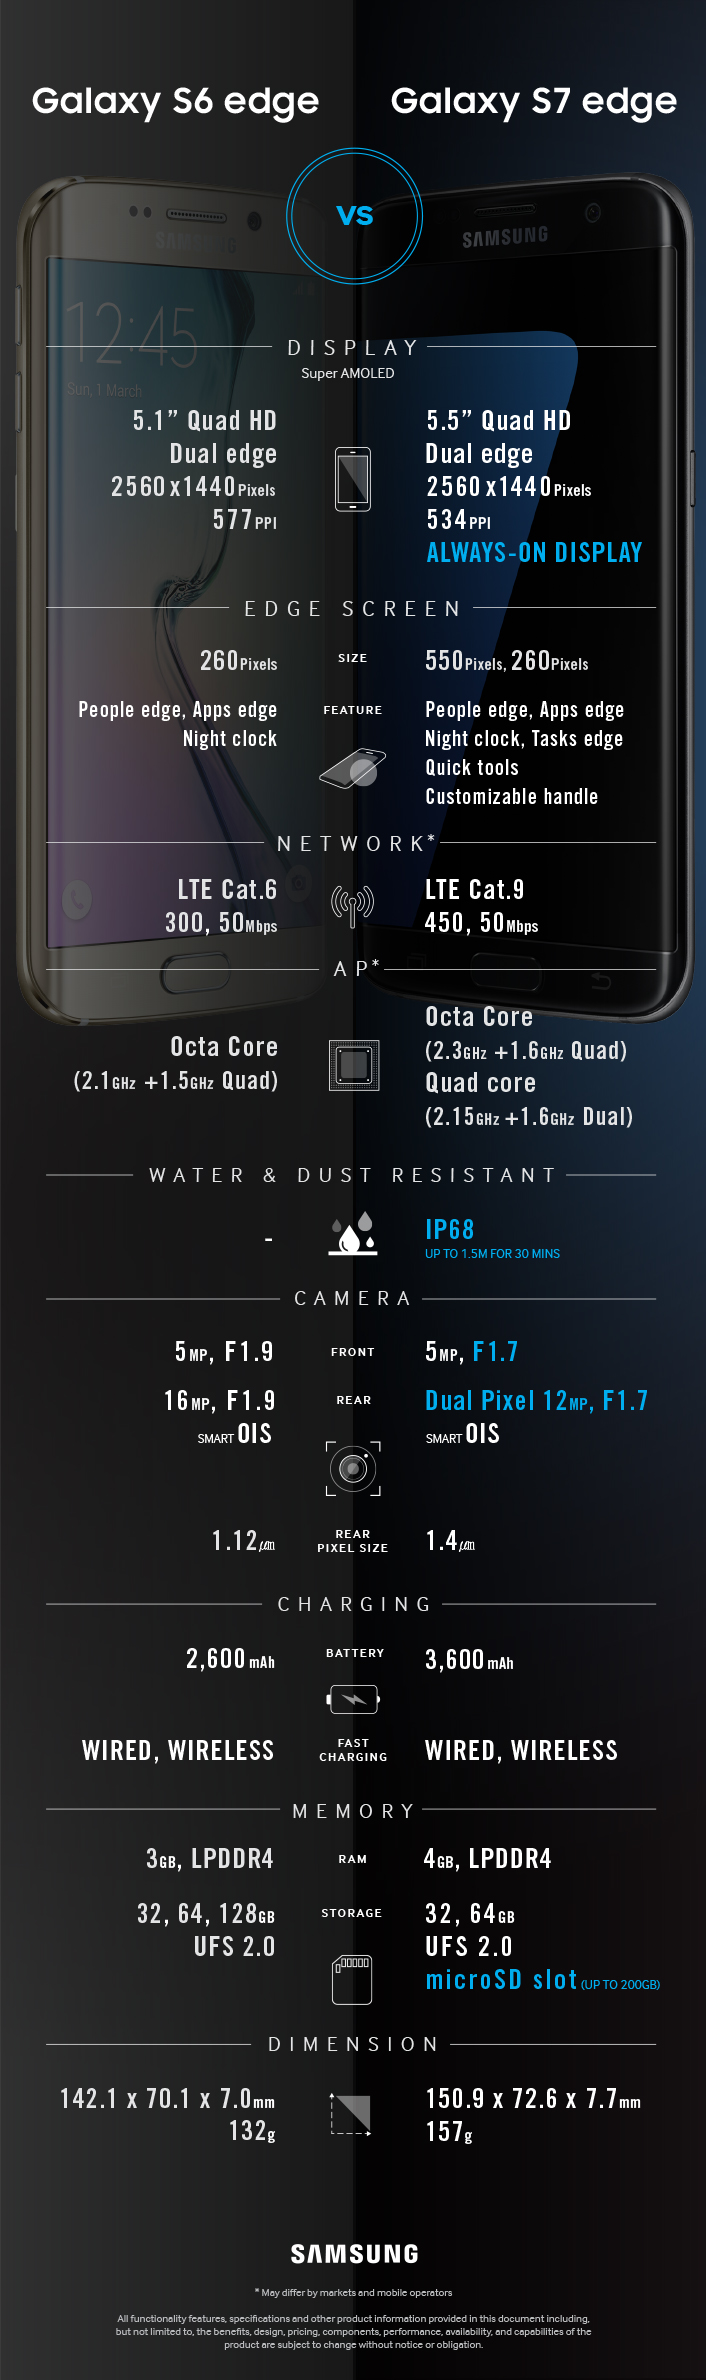 Galaxy s6 edge & s7 edge Comparison_0216